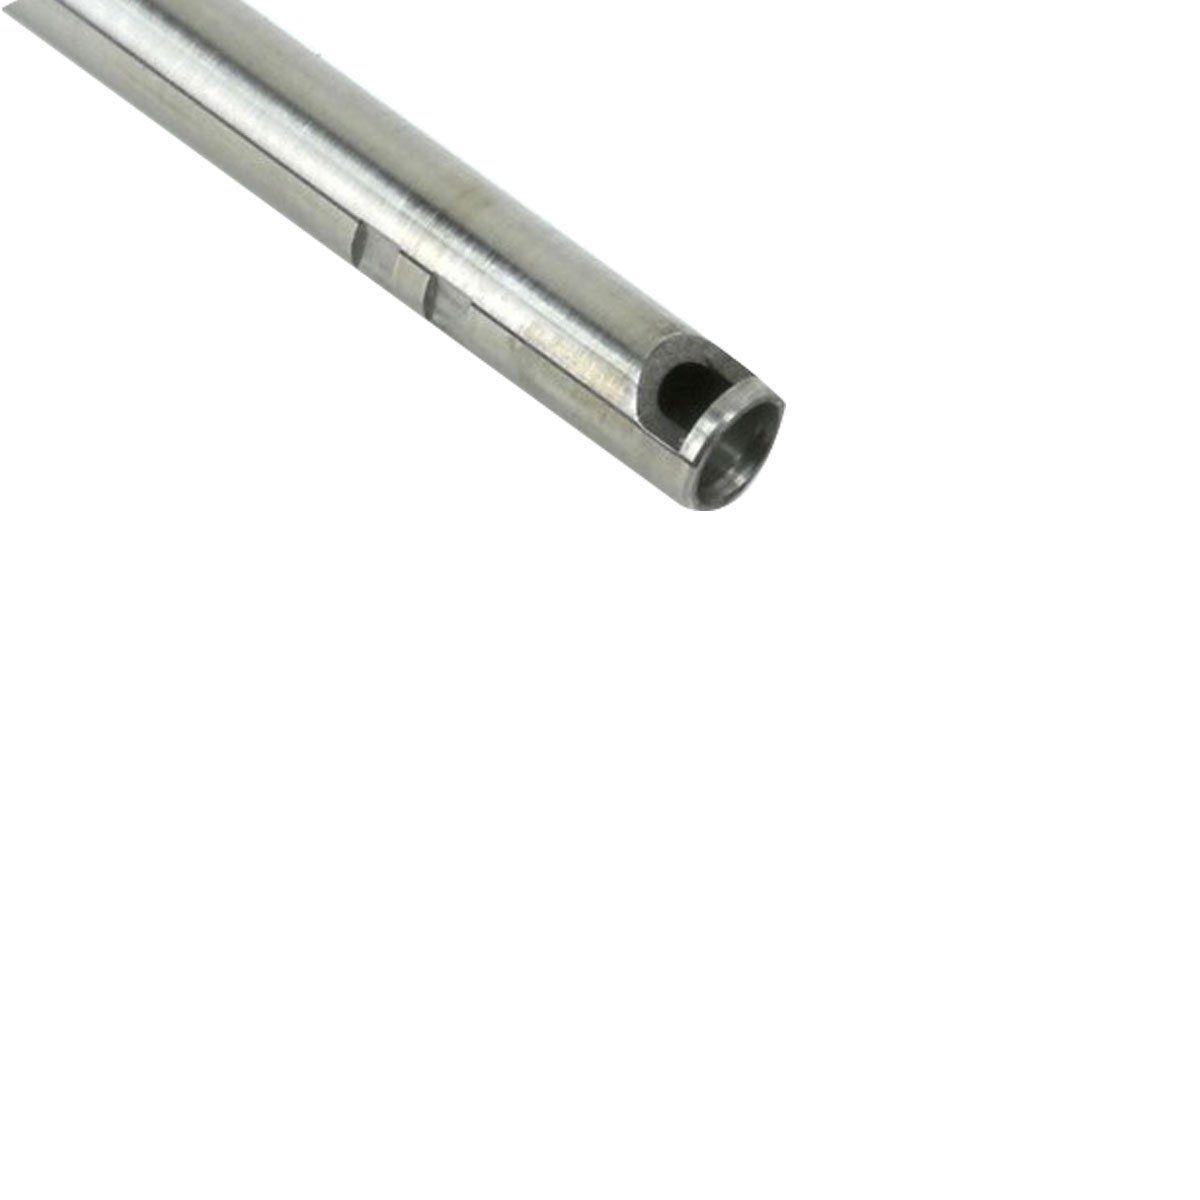 Cano de Precisão em Aço Inox - 650 MM (6.03 mm)